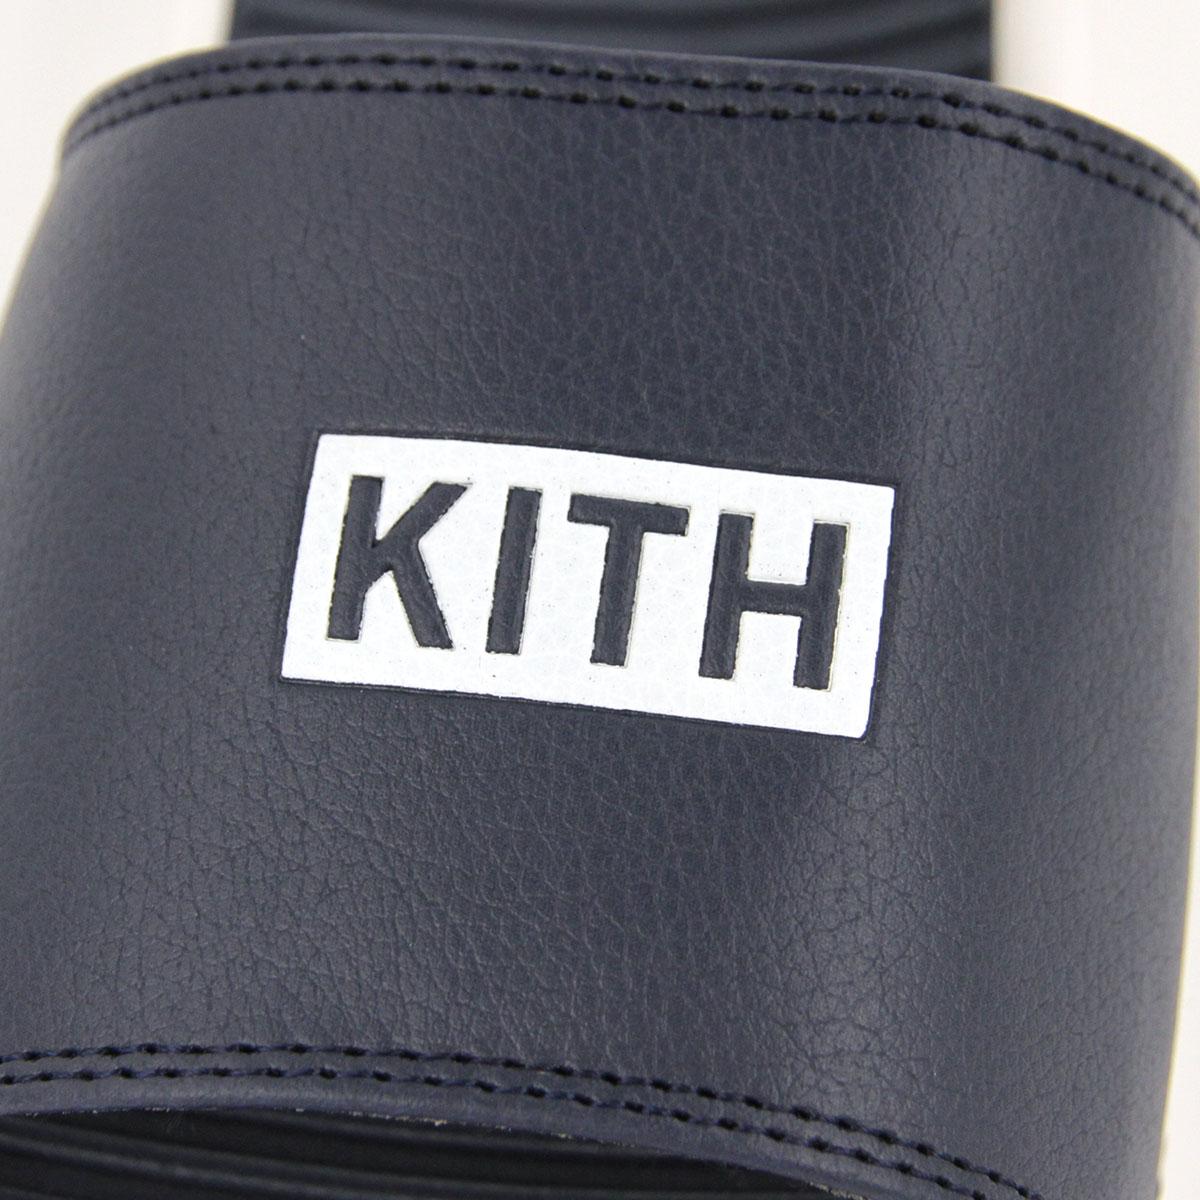 キス サンダル メンズ 正規品 KITH シャワーサンダル ビーチスライド ビーチサンダル KITH BEACH SLIDES KH9288-102 NAVY A95B B1C C4D D3E E06F